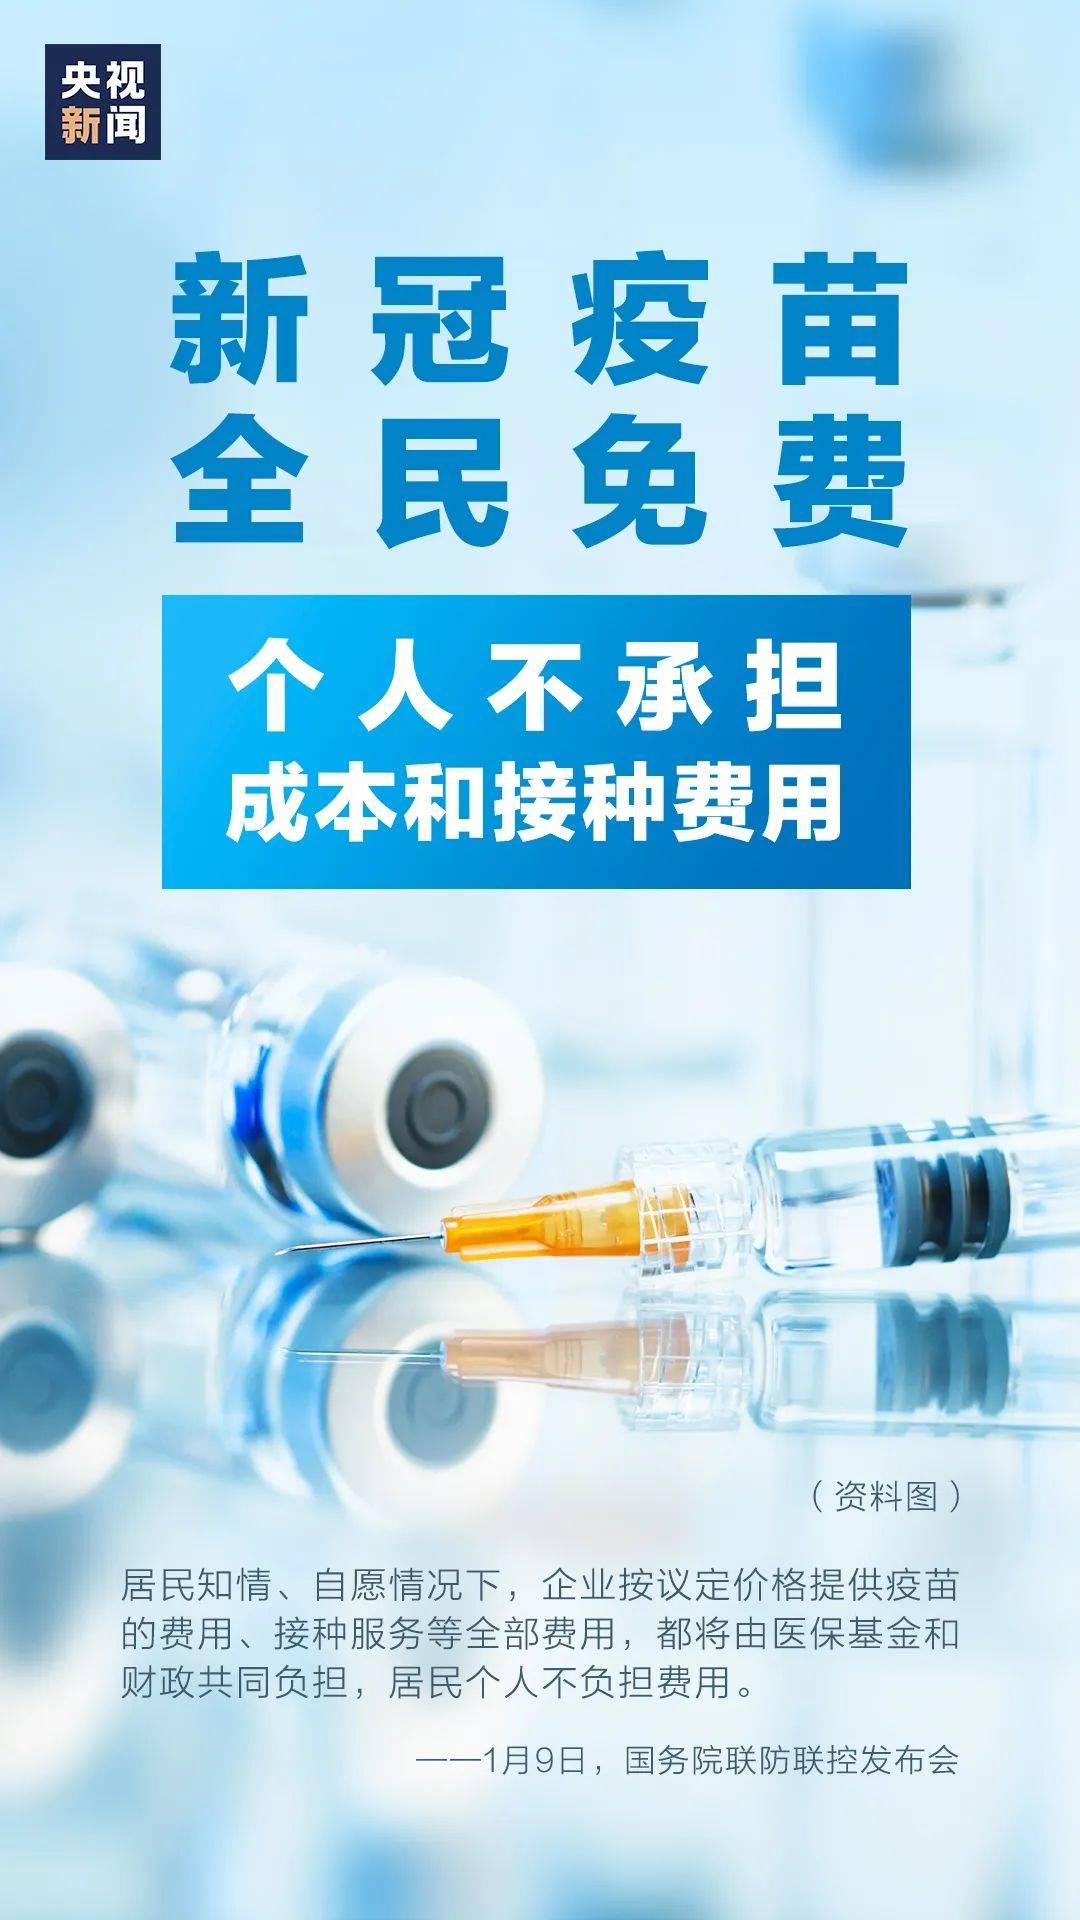 再次强调:新冠疫苗全民免费接种!  第2张